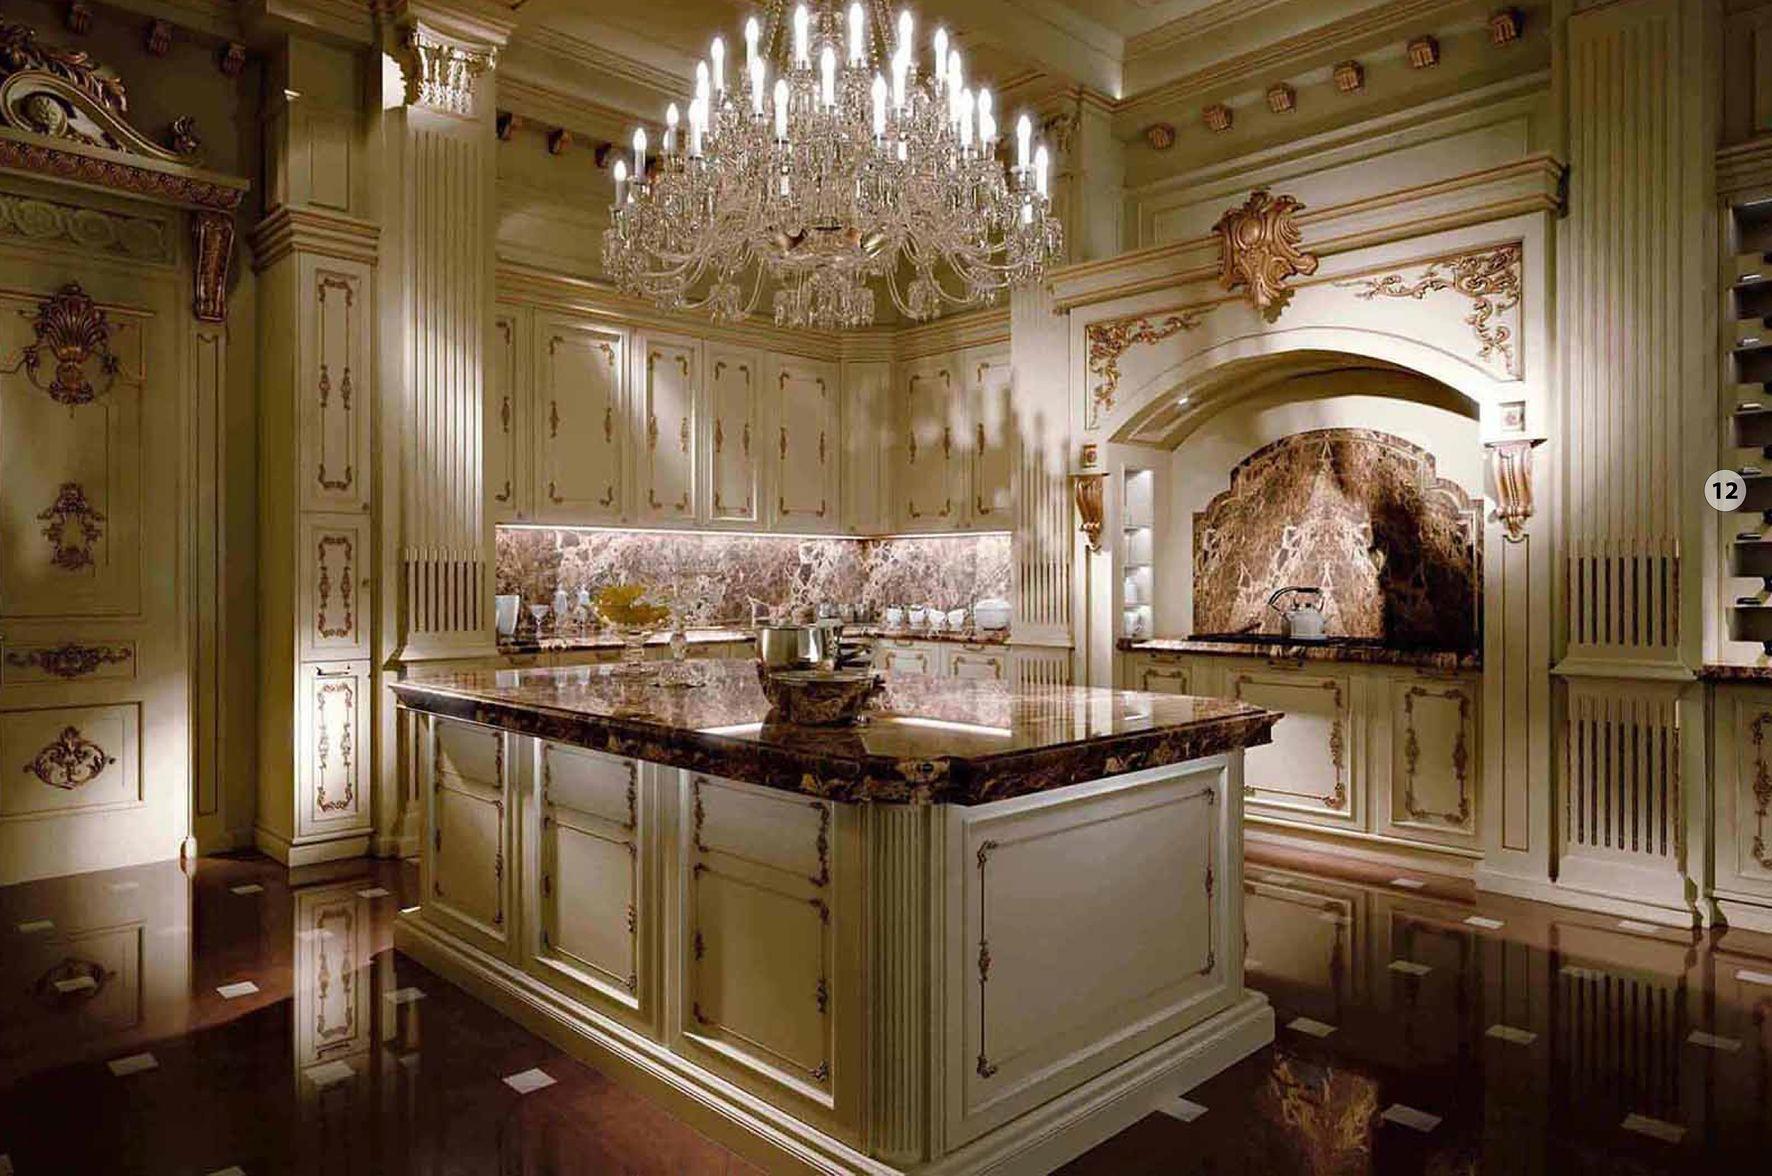 Nett Küchendesigner New York City Galerie - Küchenschrank Ideen ...